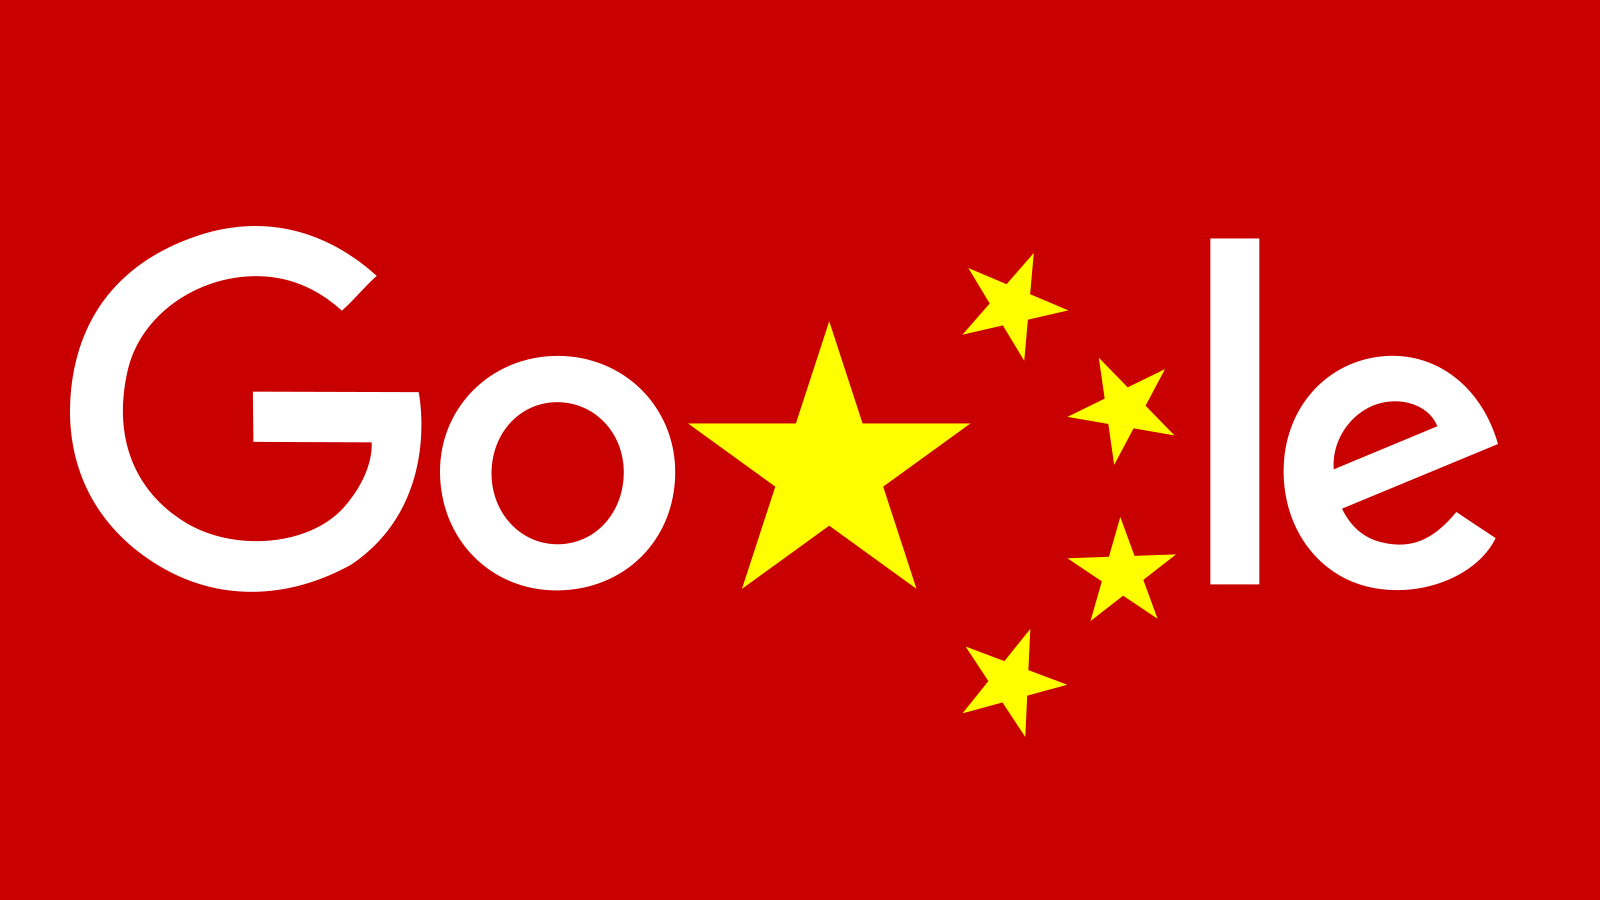 Stop Google Censorship